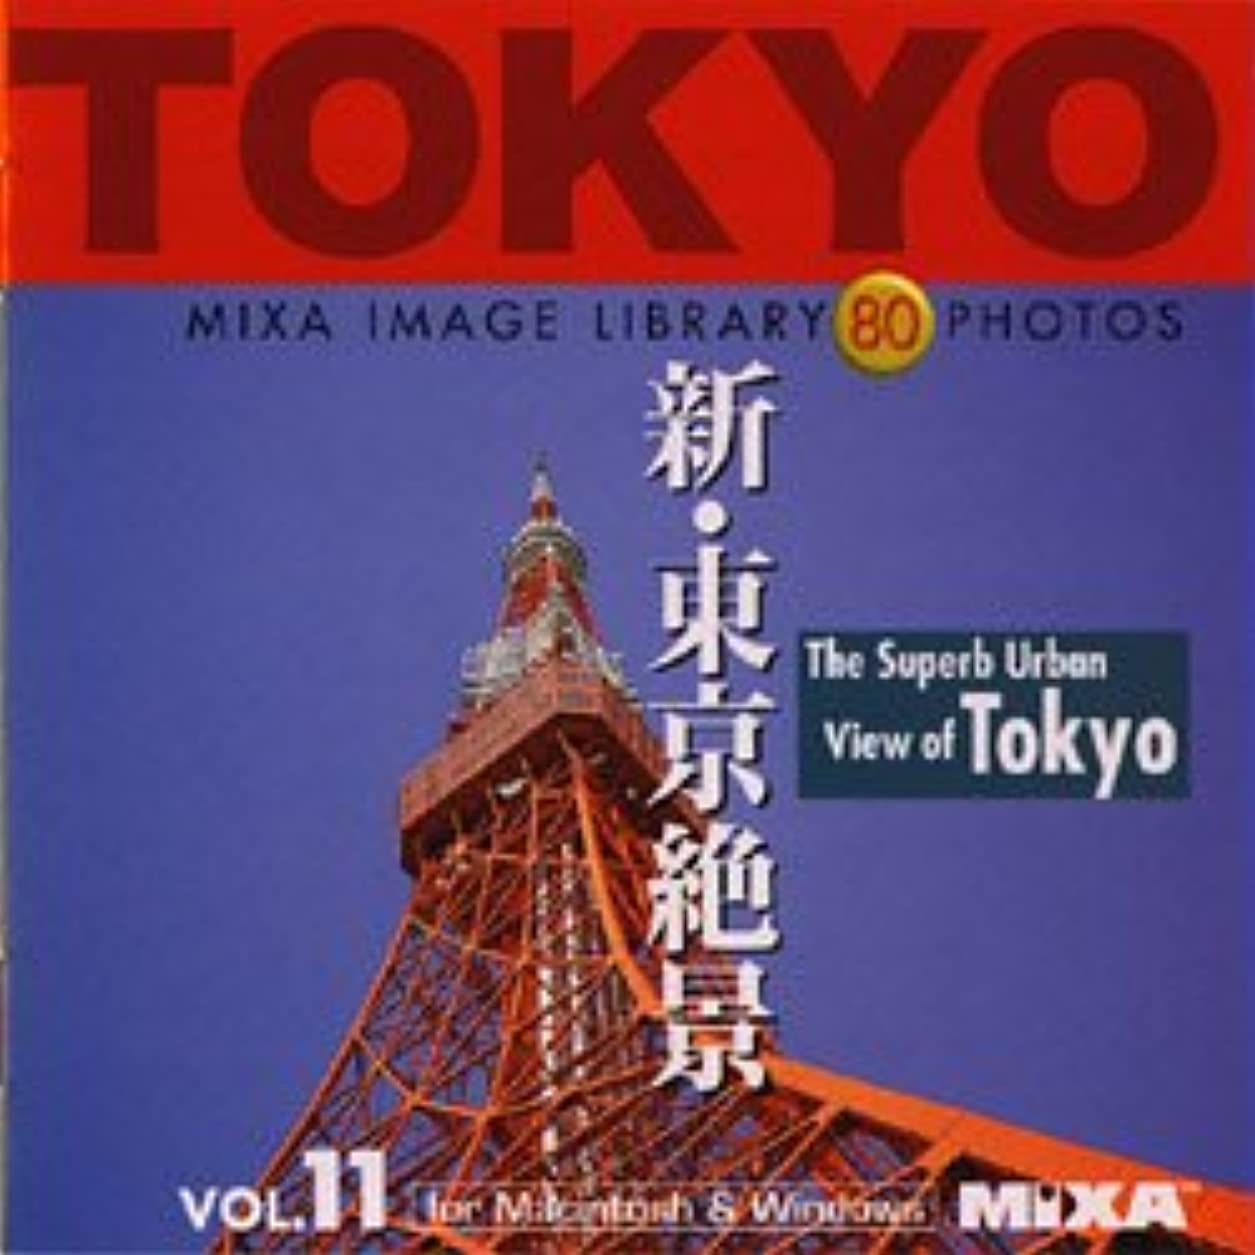 パワーセル厚さ剥ぎ取るMIXA IMAGE LIBRARY Vol.11 新?東京絶景